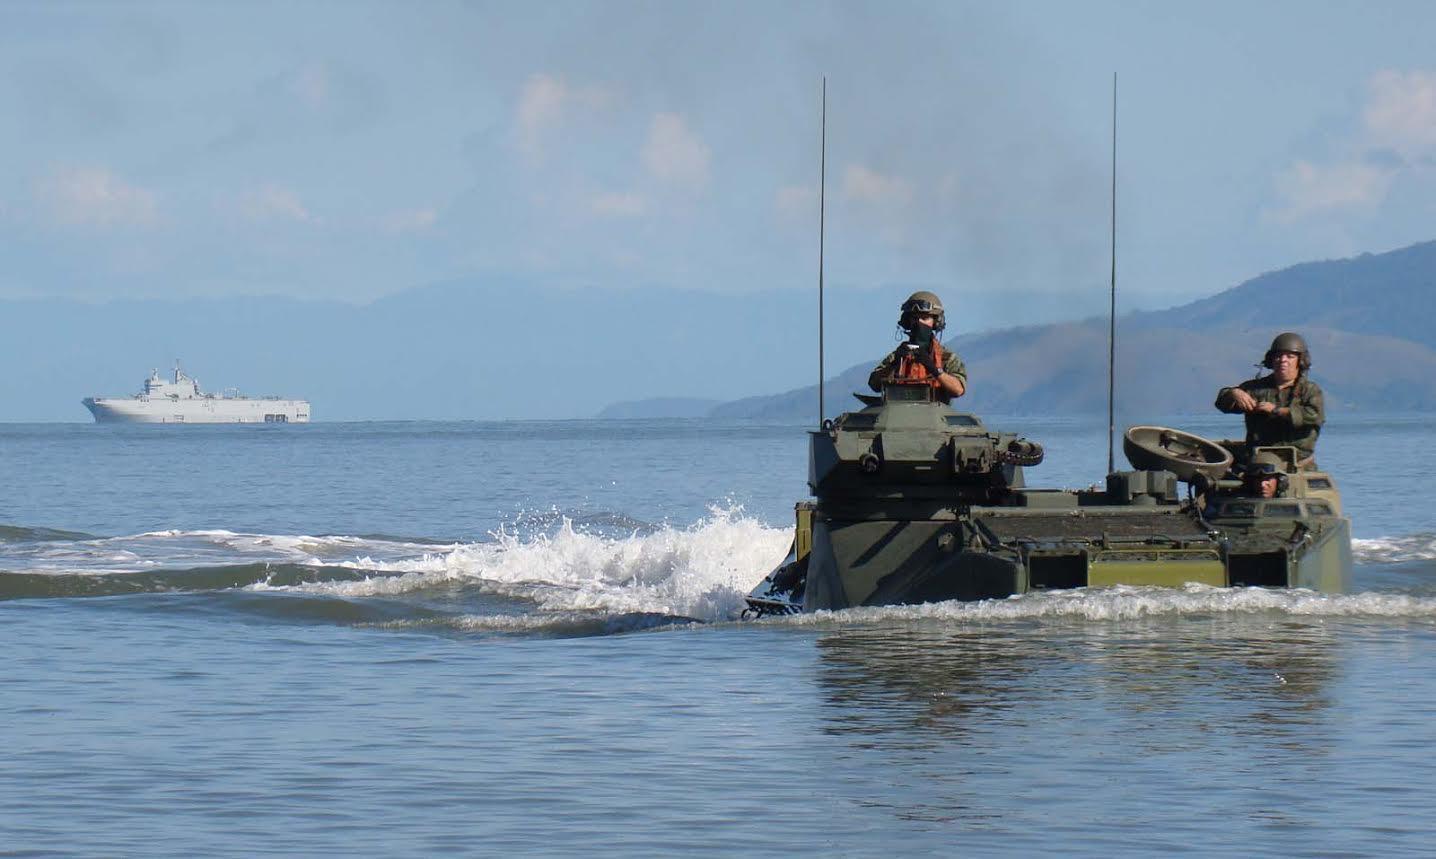 Marinha: inscrições abertas para Educação Física, Engenharia e Ciências Náuticas